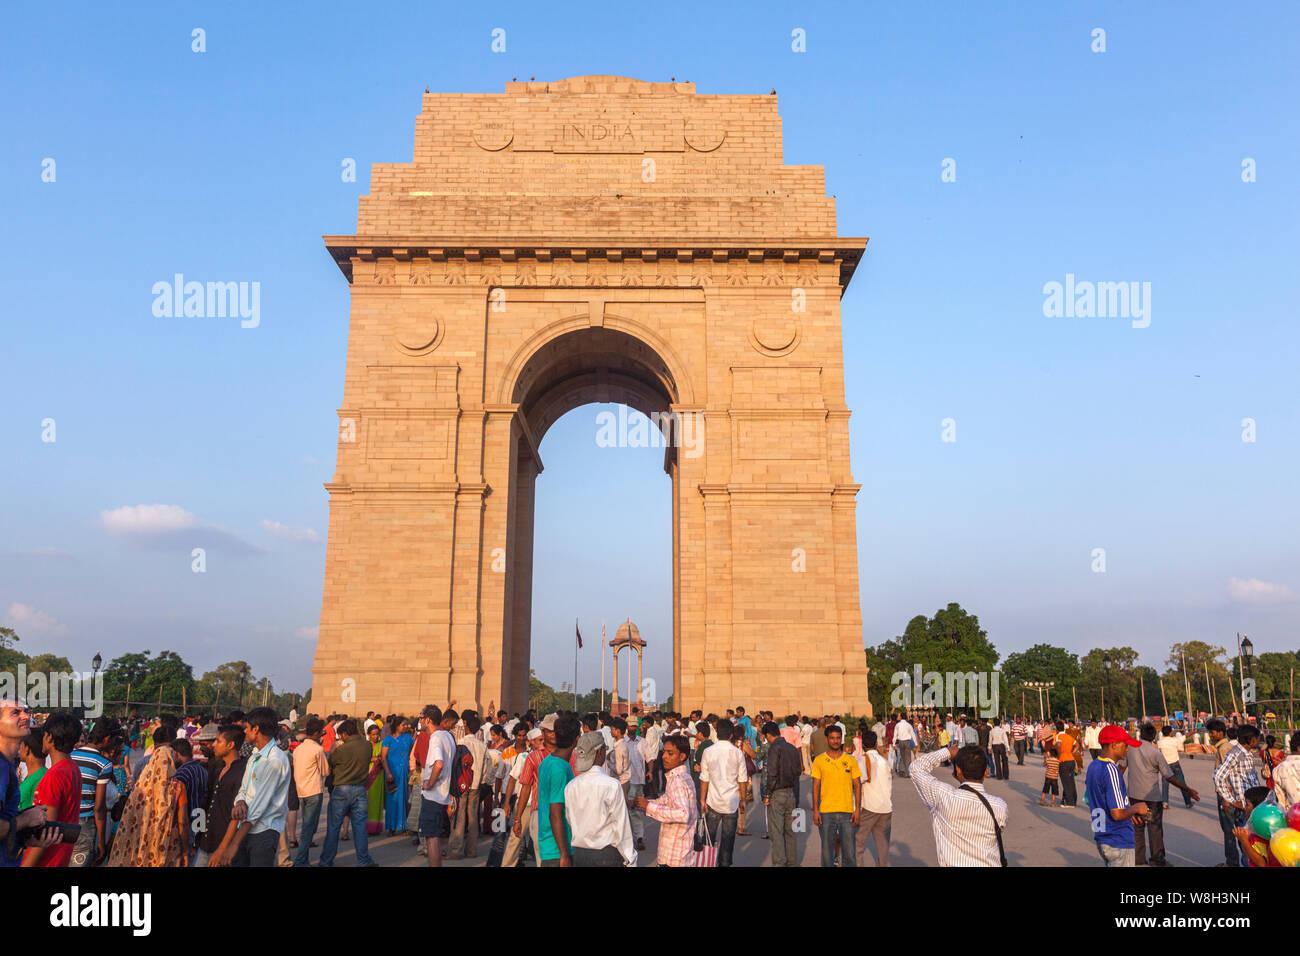 Delhi India Gate Quotes